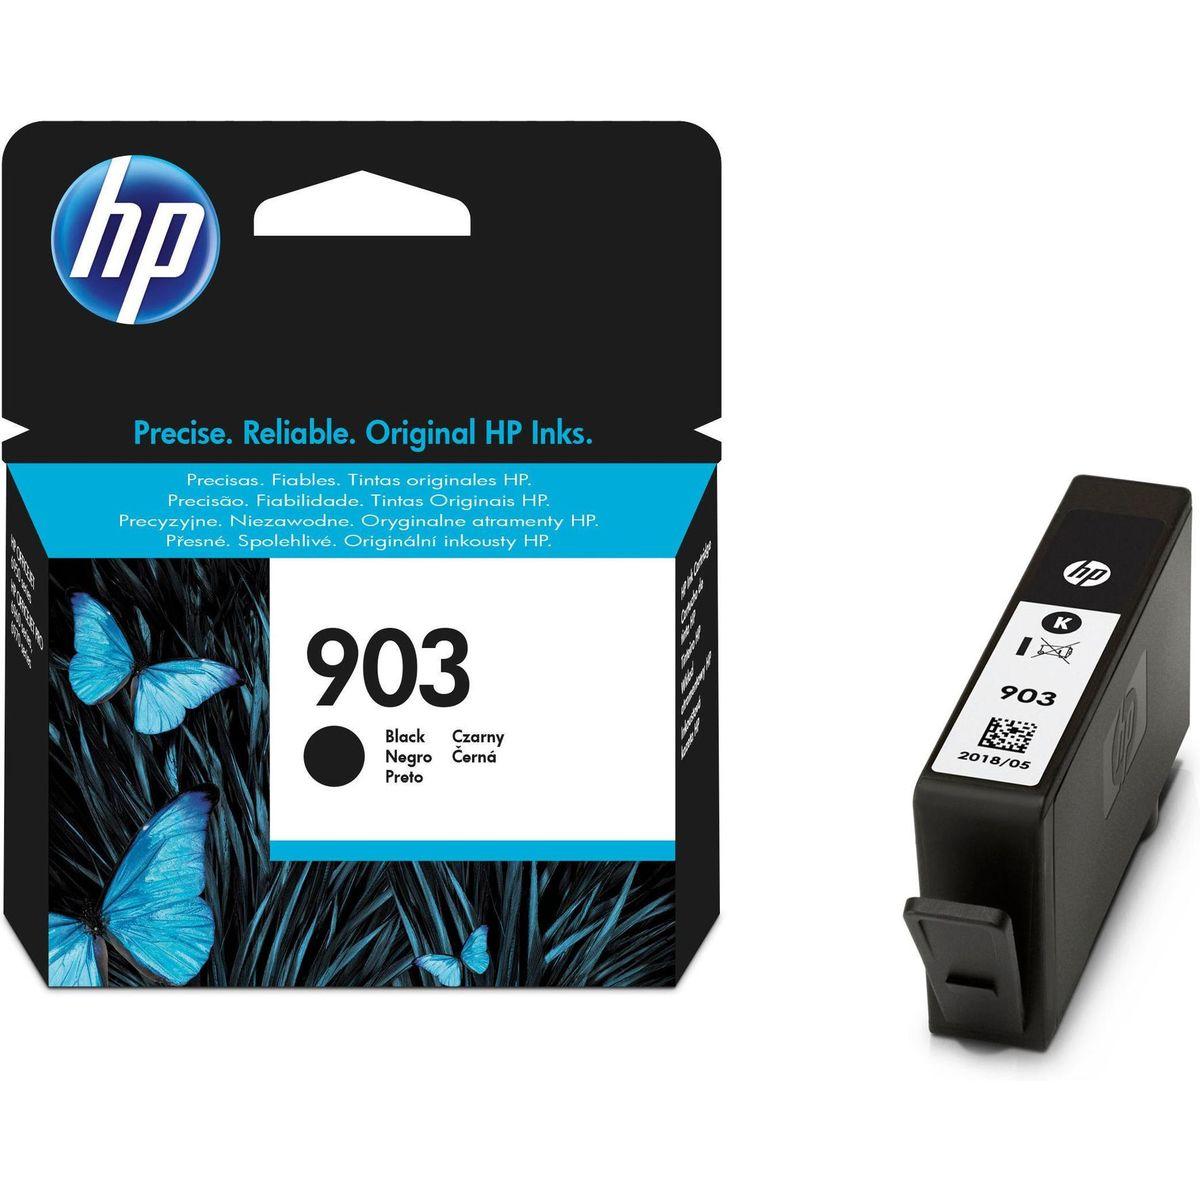 HP - Inktcartridge 903 - Zwart